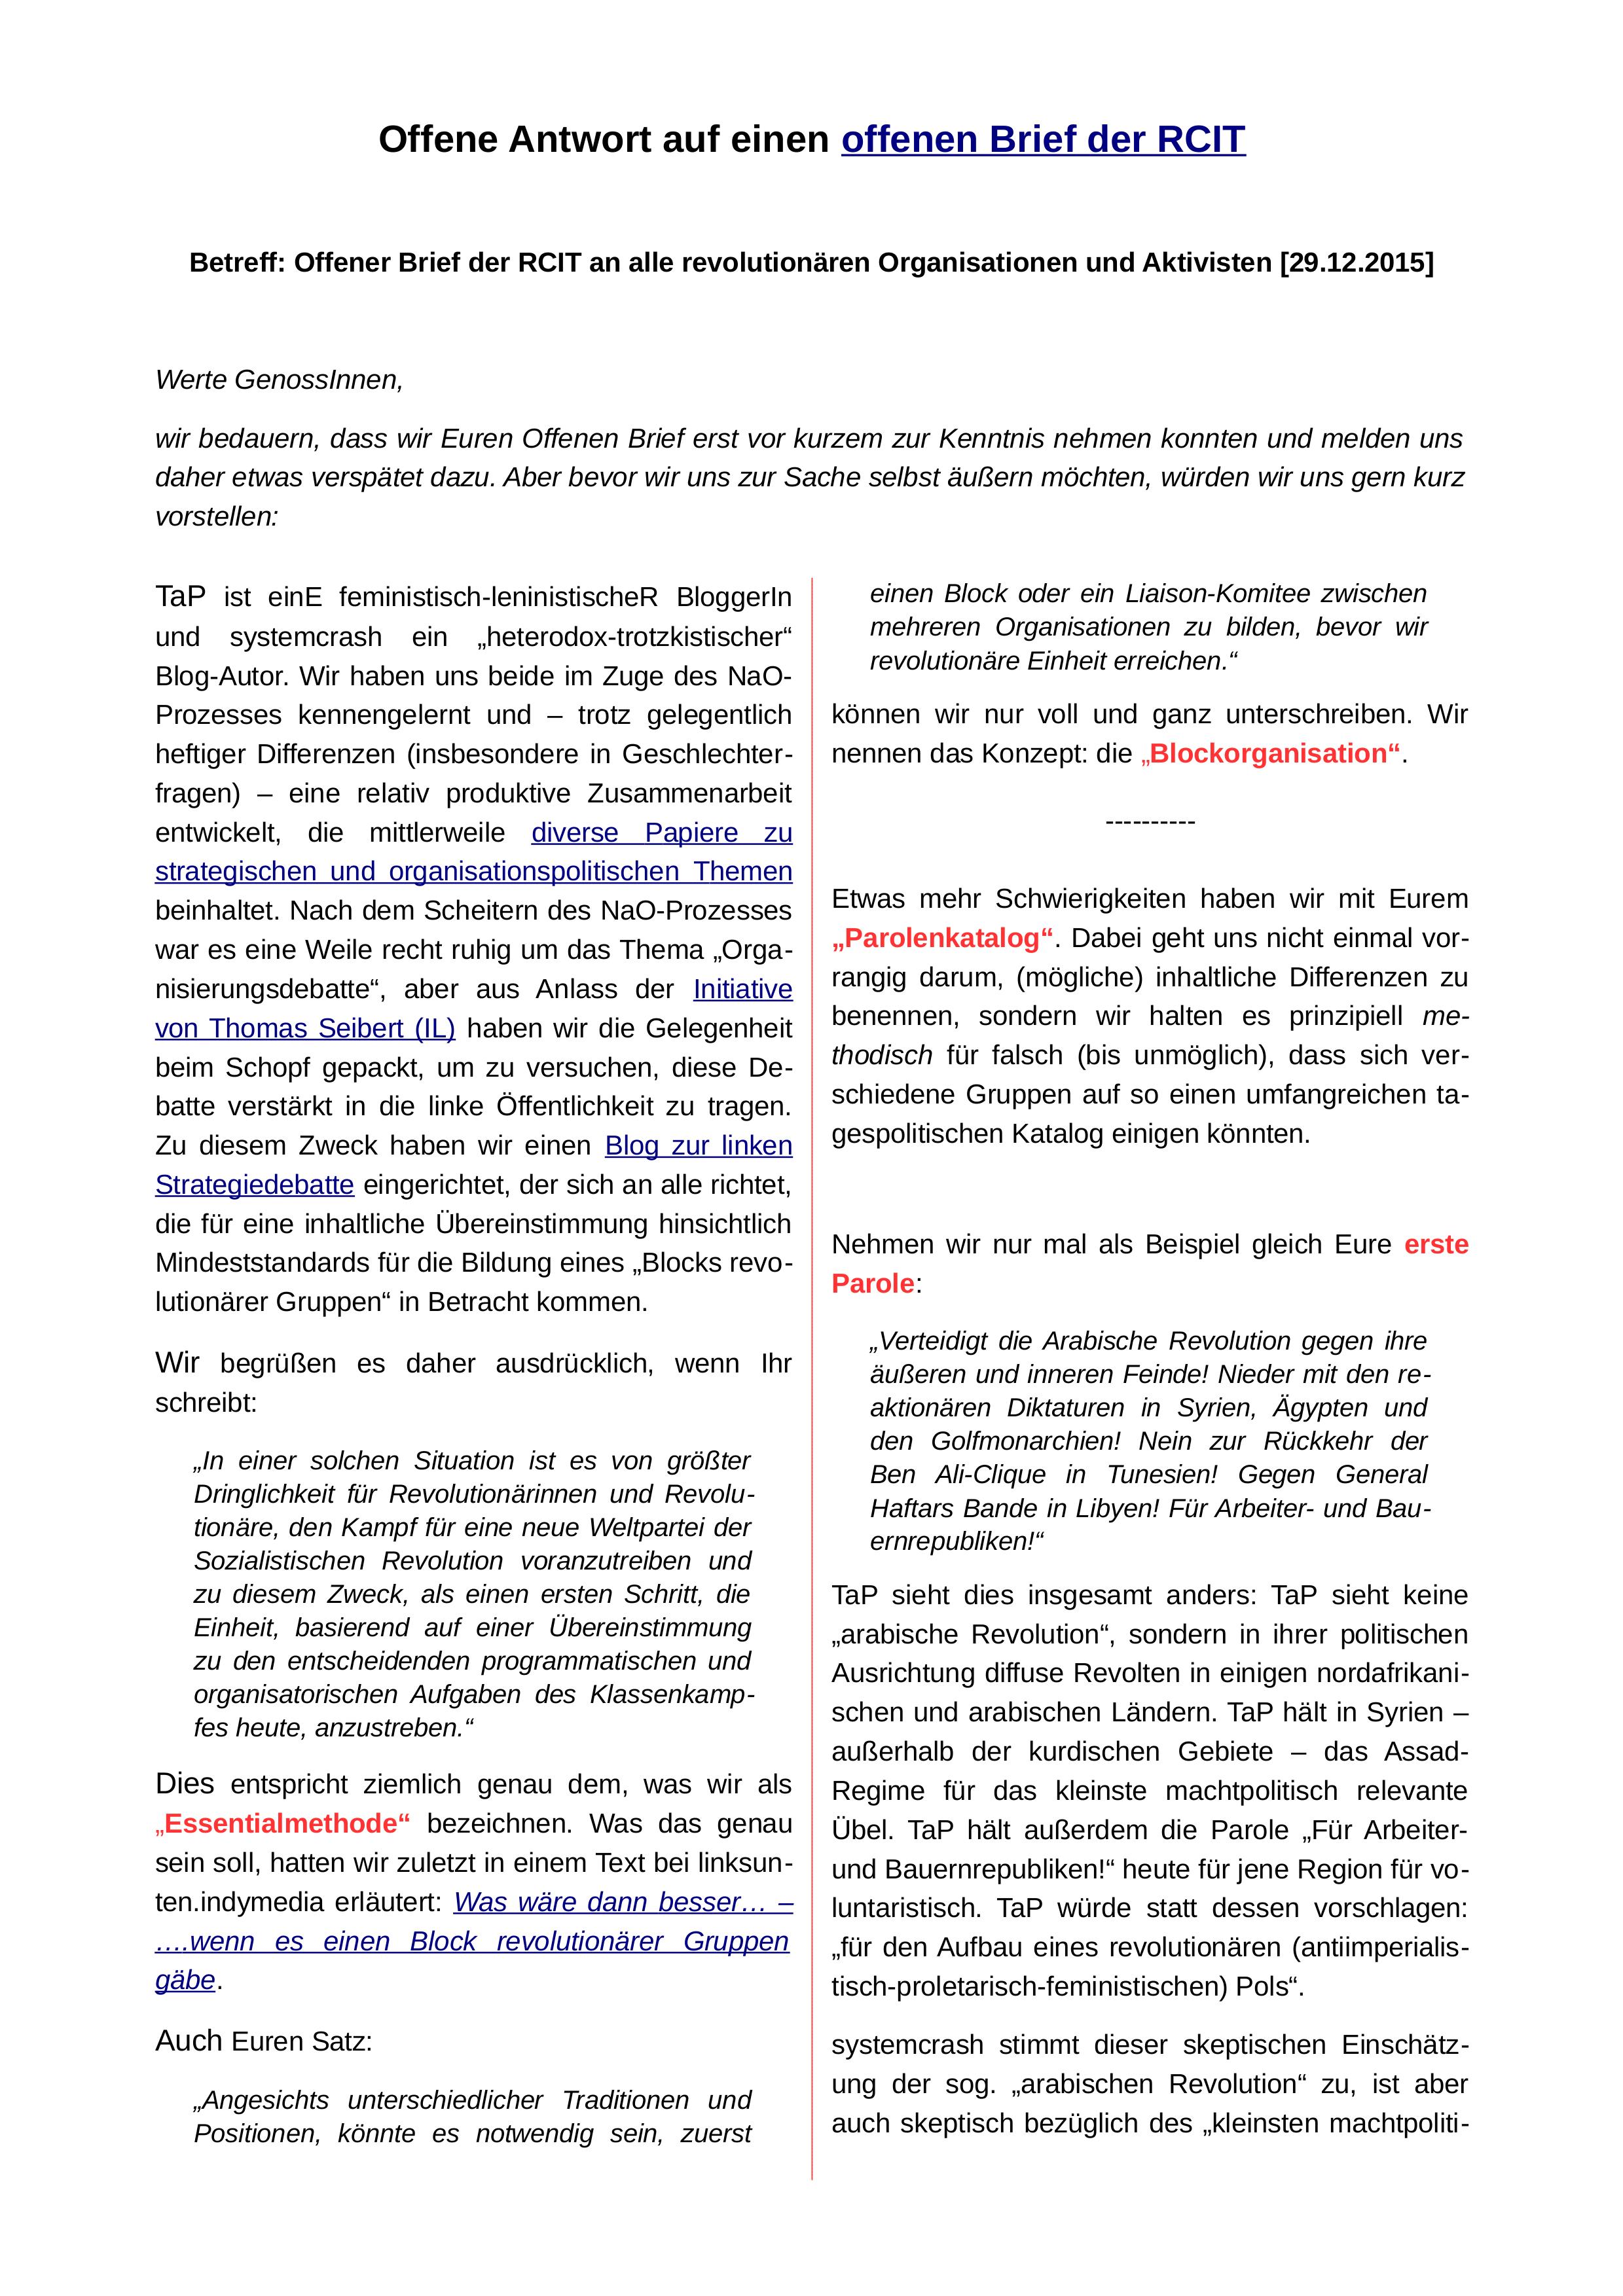 S. 1 des Textes von systemcrash und TaP